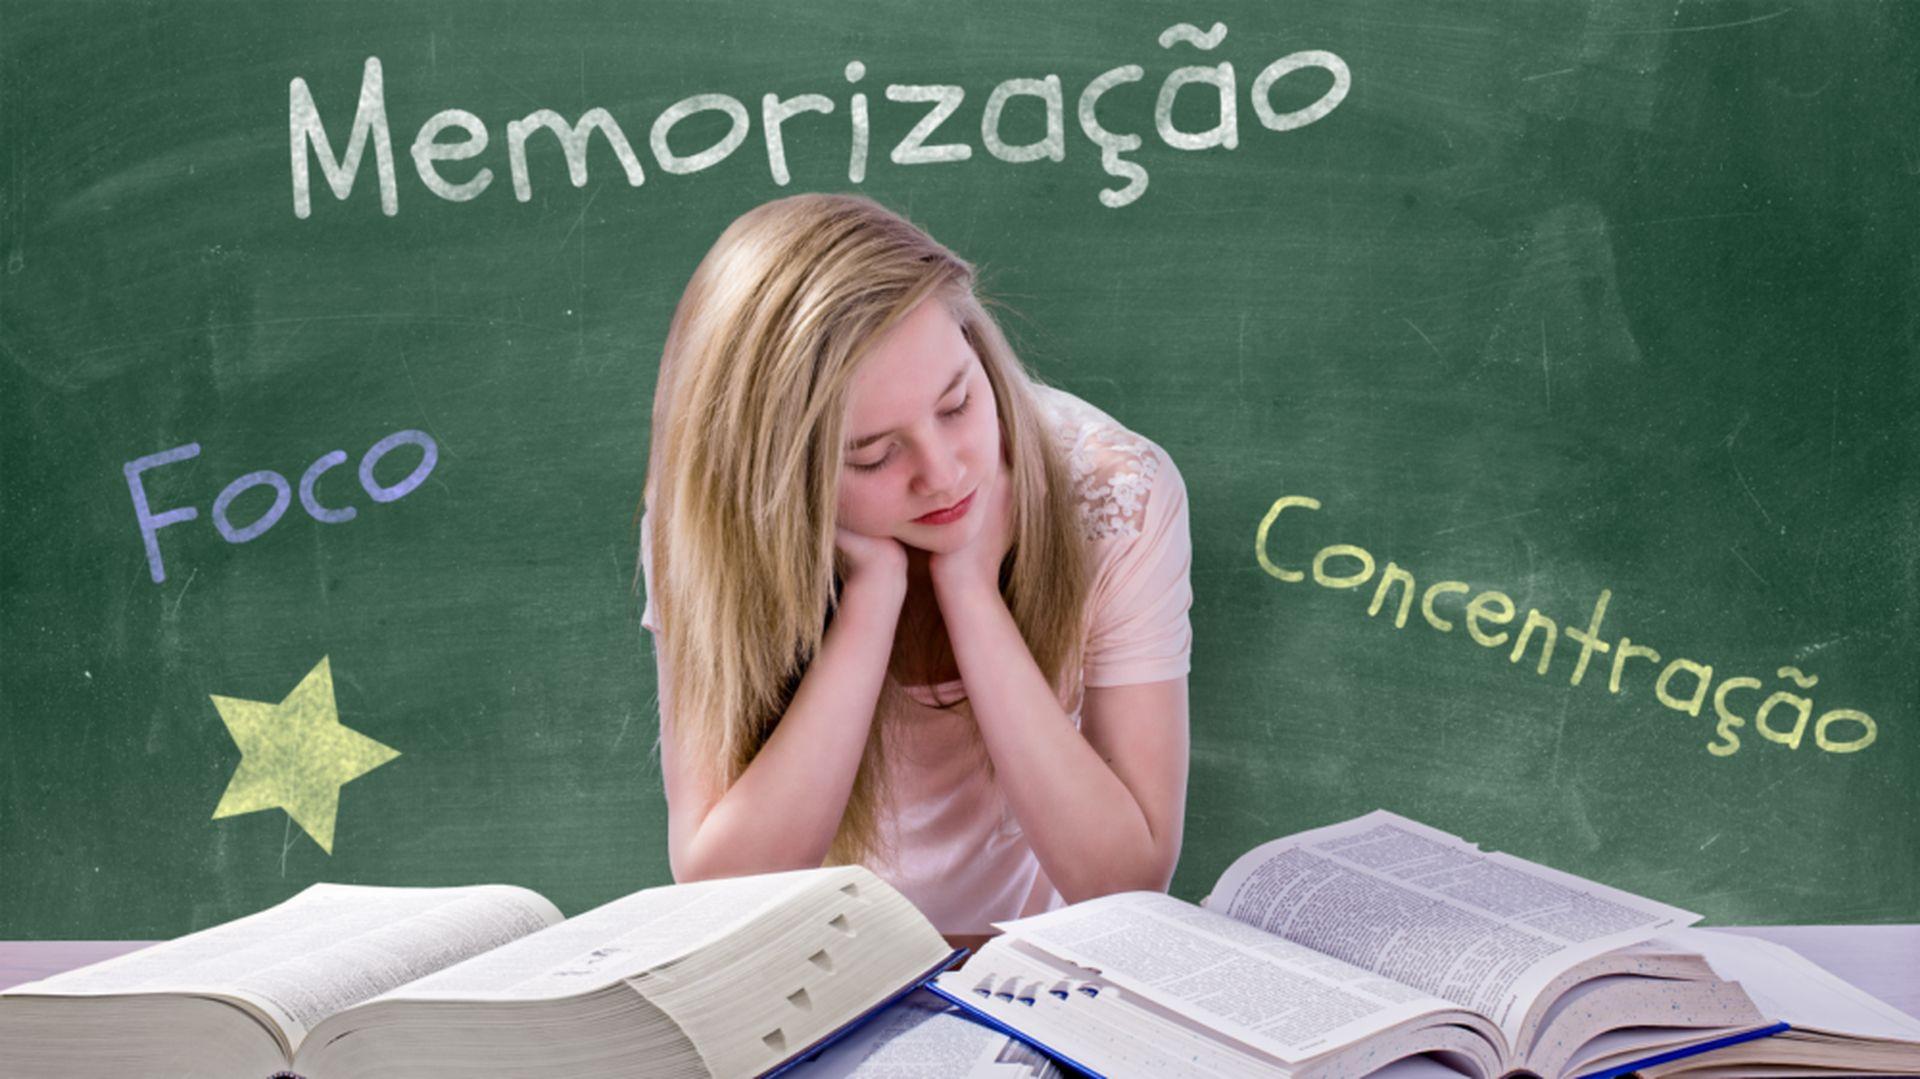 Como melhorar a concentração e memorização nos estudos